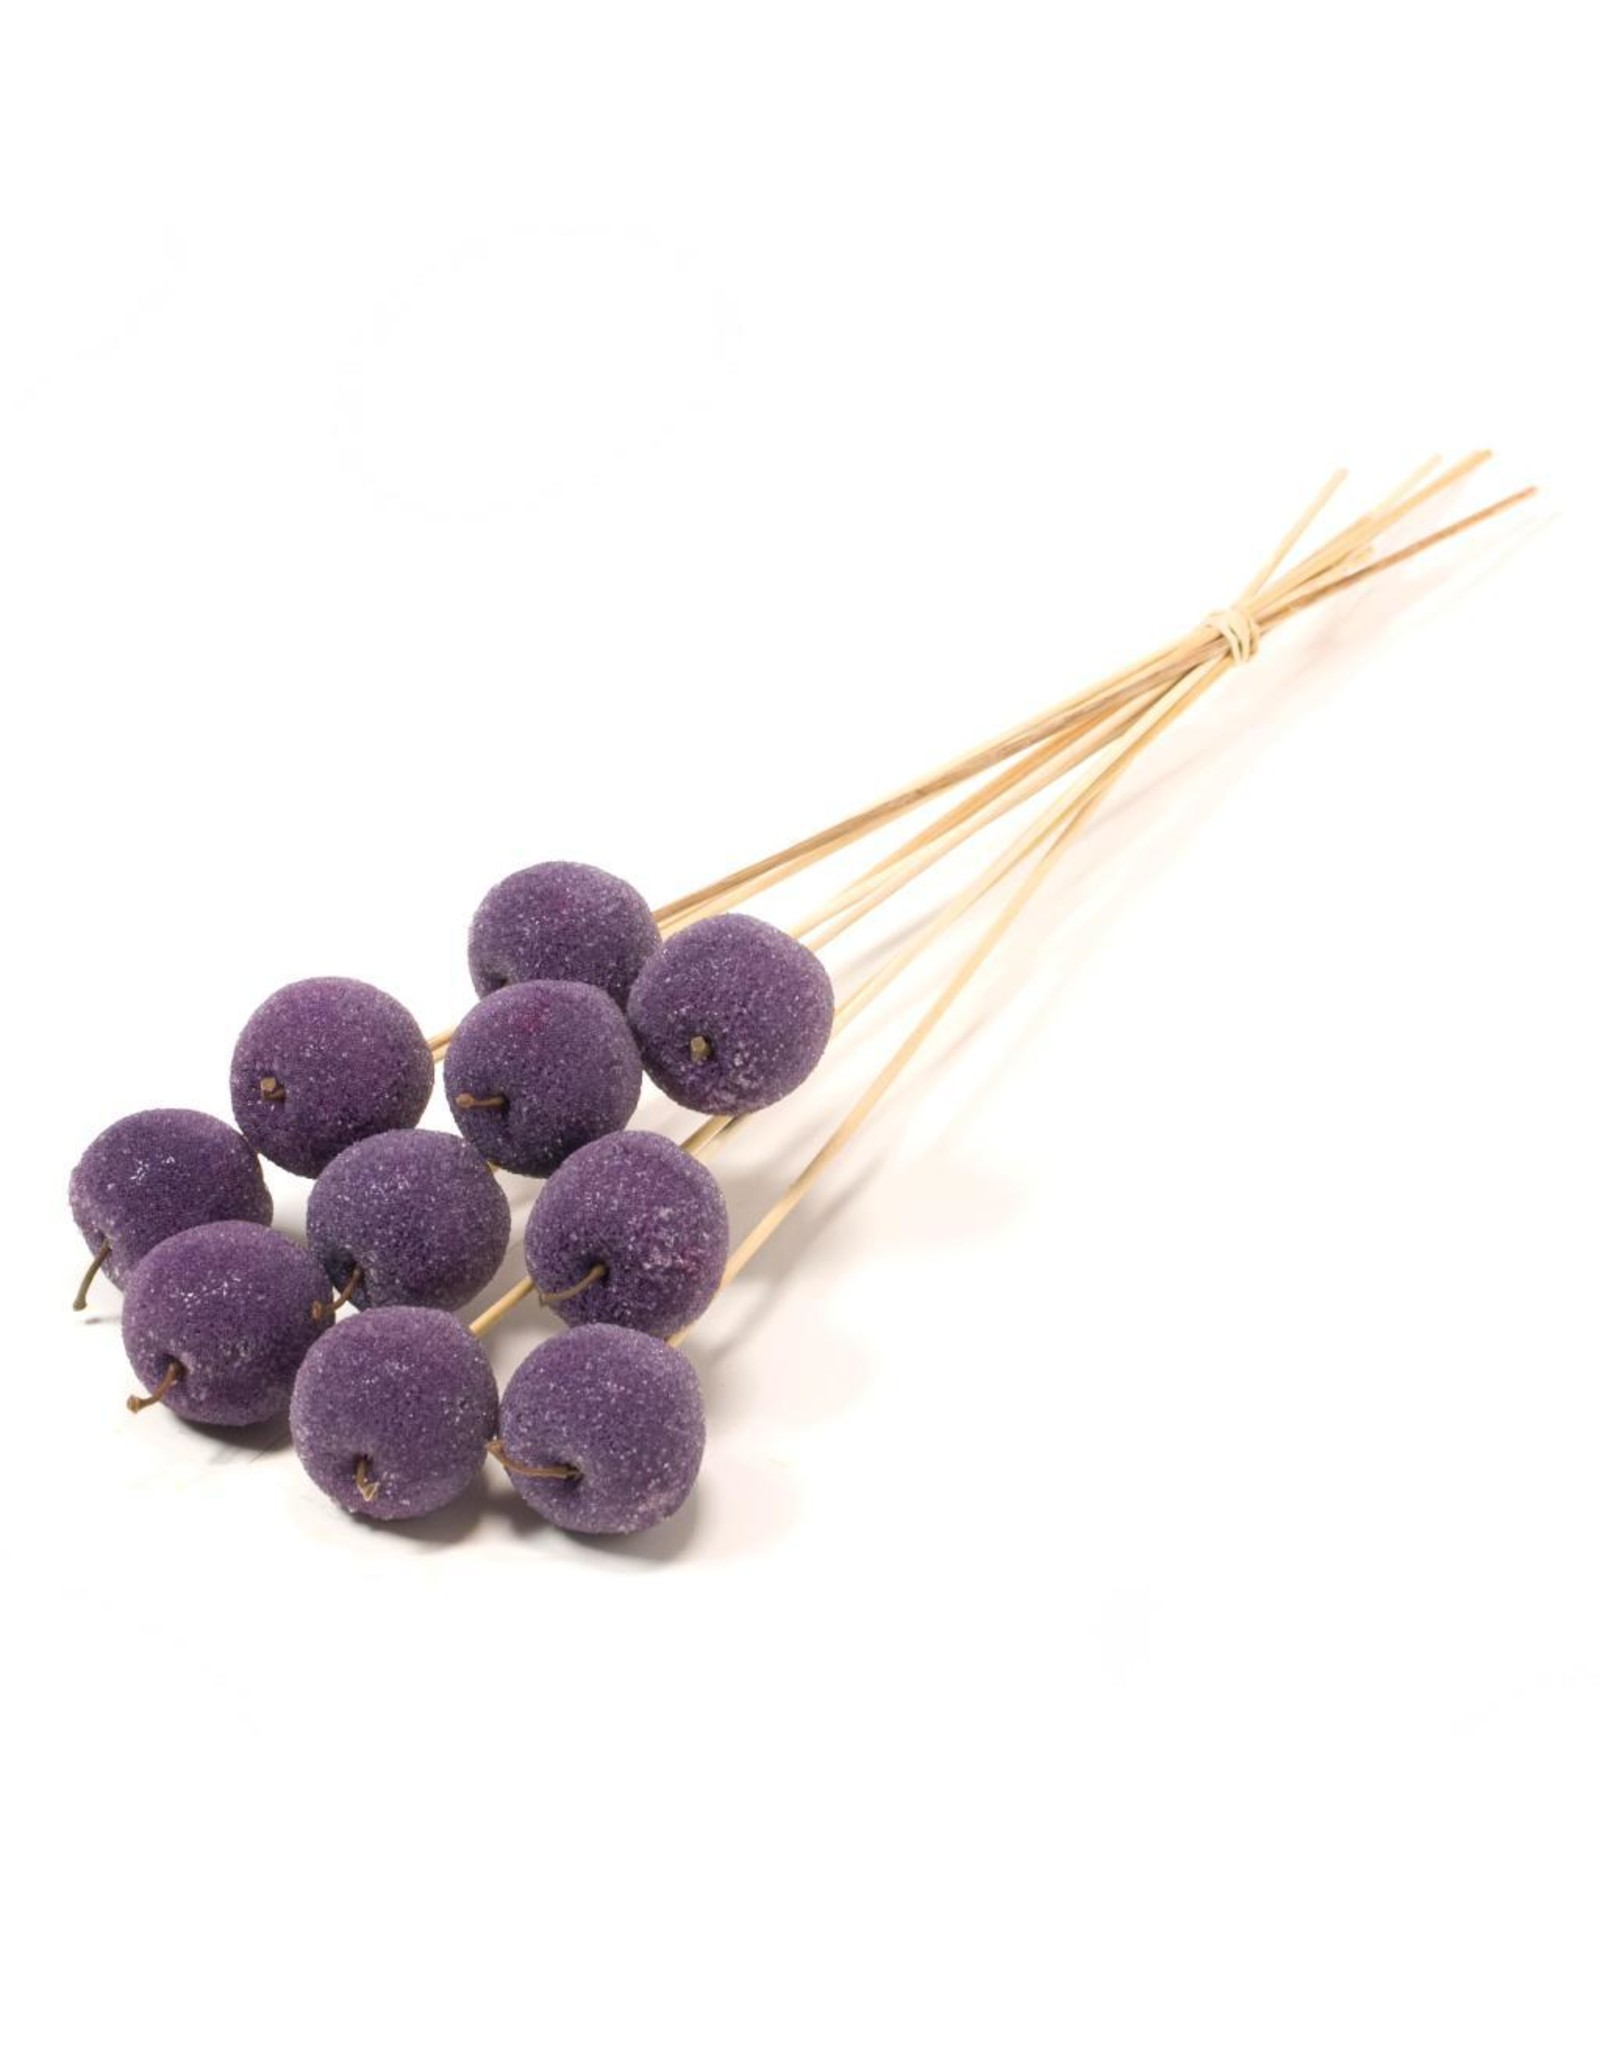 LDD Apple sugar 5cm o/s SB purple x 4